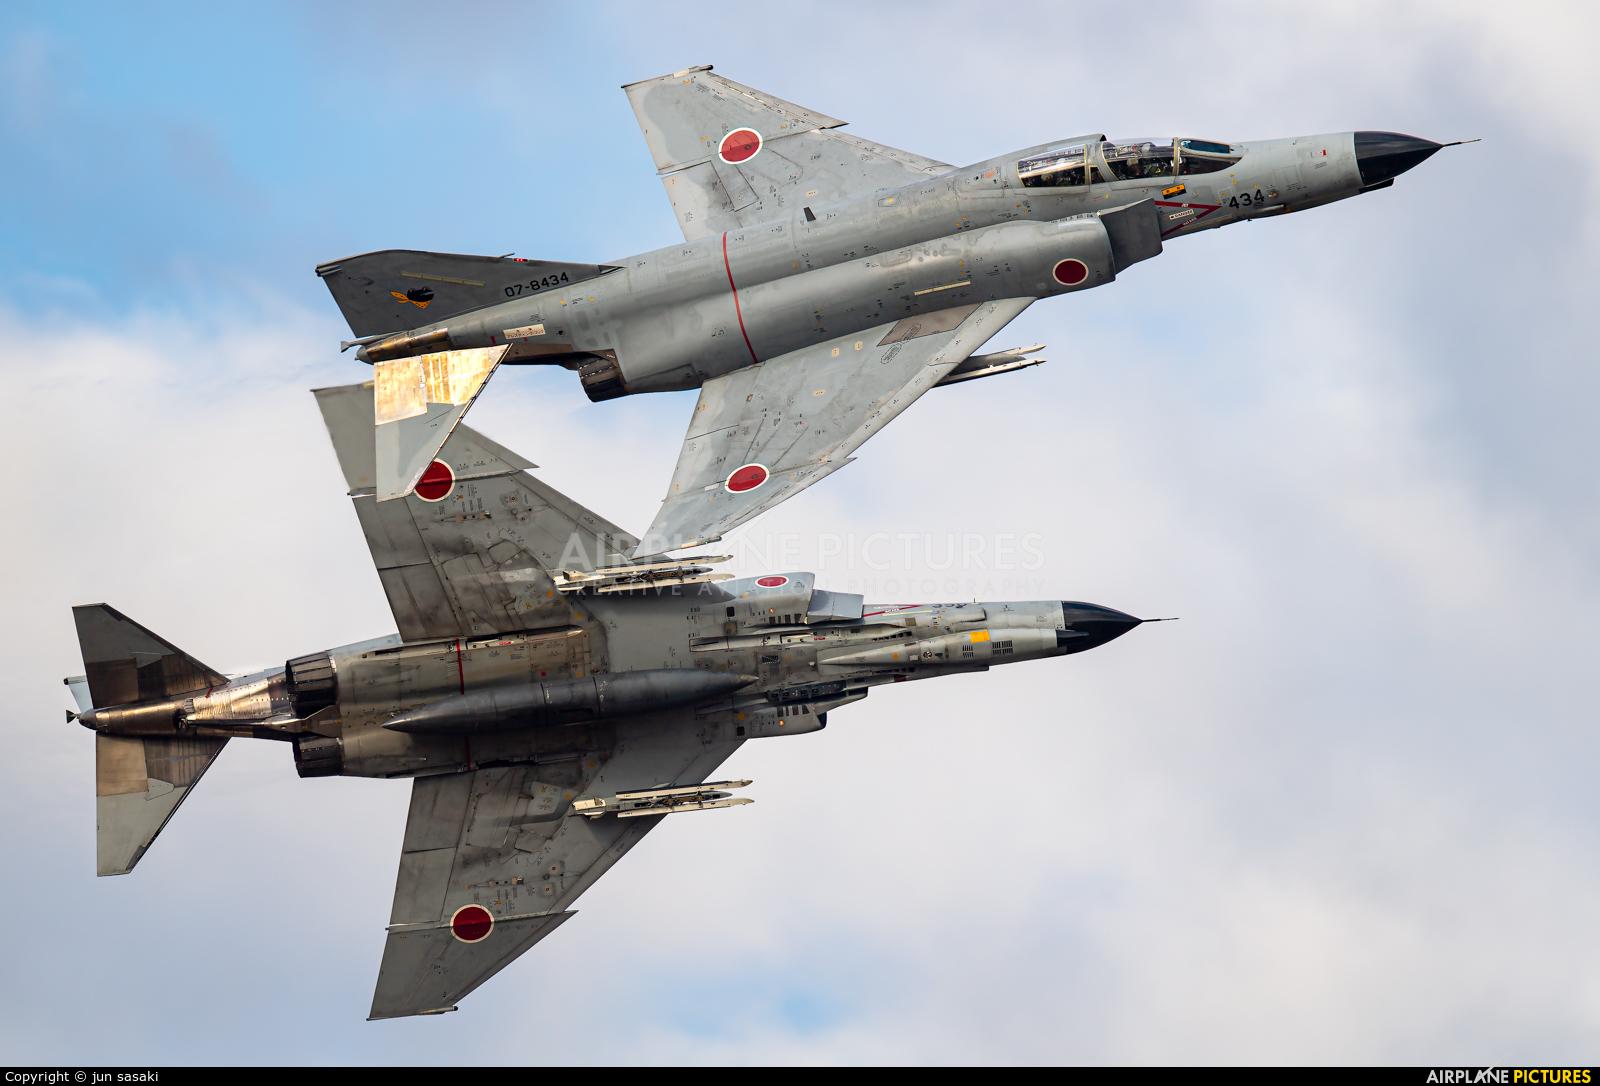 Japan - Air Self Defence Force 07-8434 aircraft at Ibaraki - Hyakuri AB